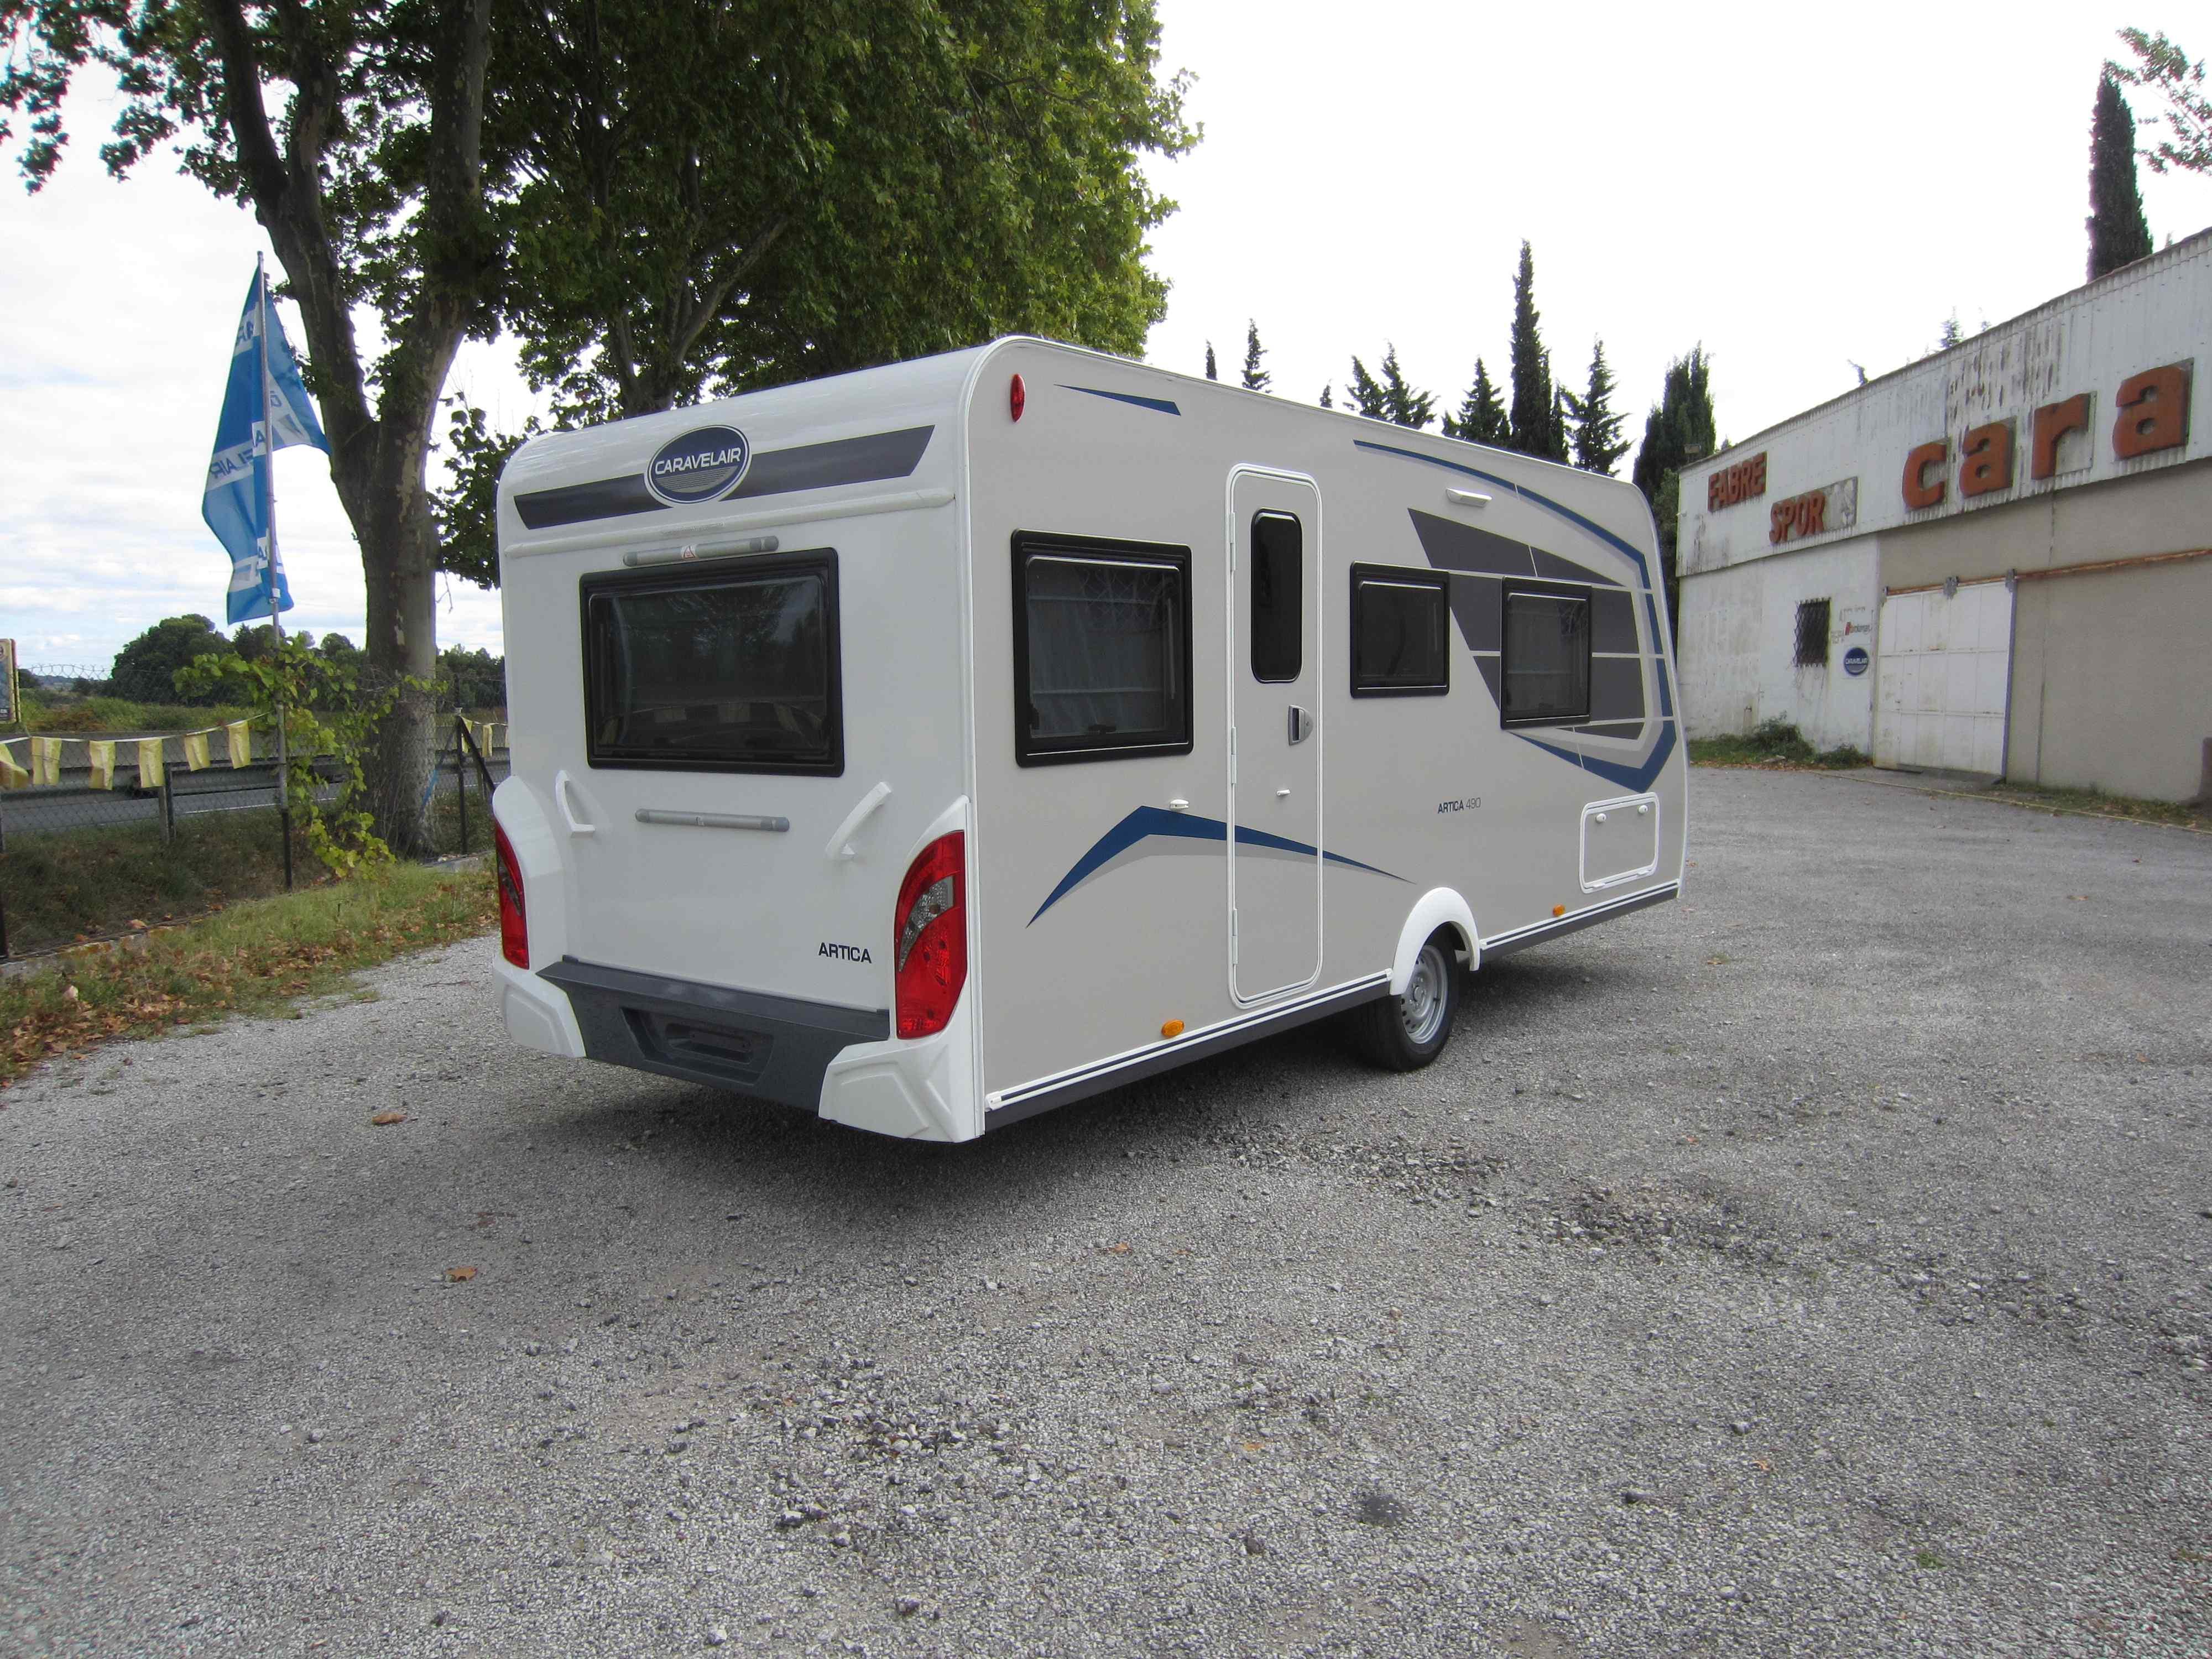 Caravelair artica 490 cp collection 2020 Fabre caravanes